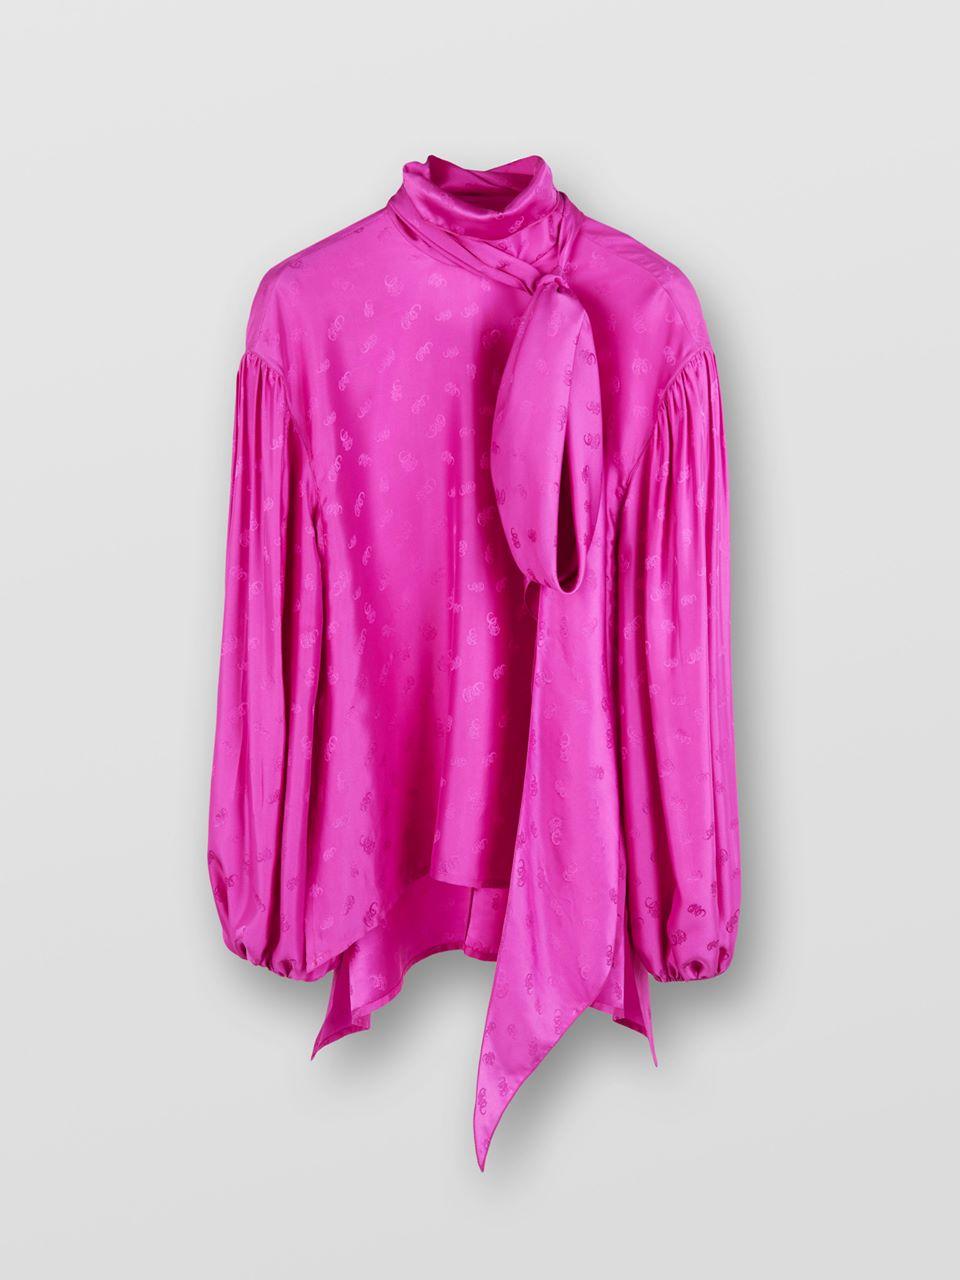 CHLOÉ Lavallière blouse Women's MEADOW MAUVE 100% Silk